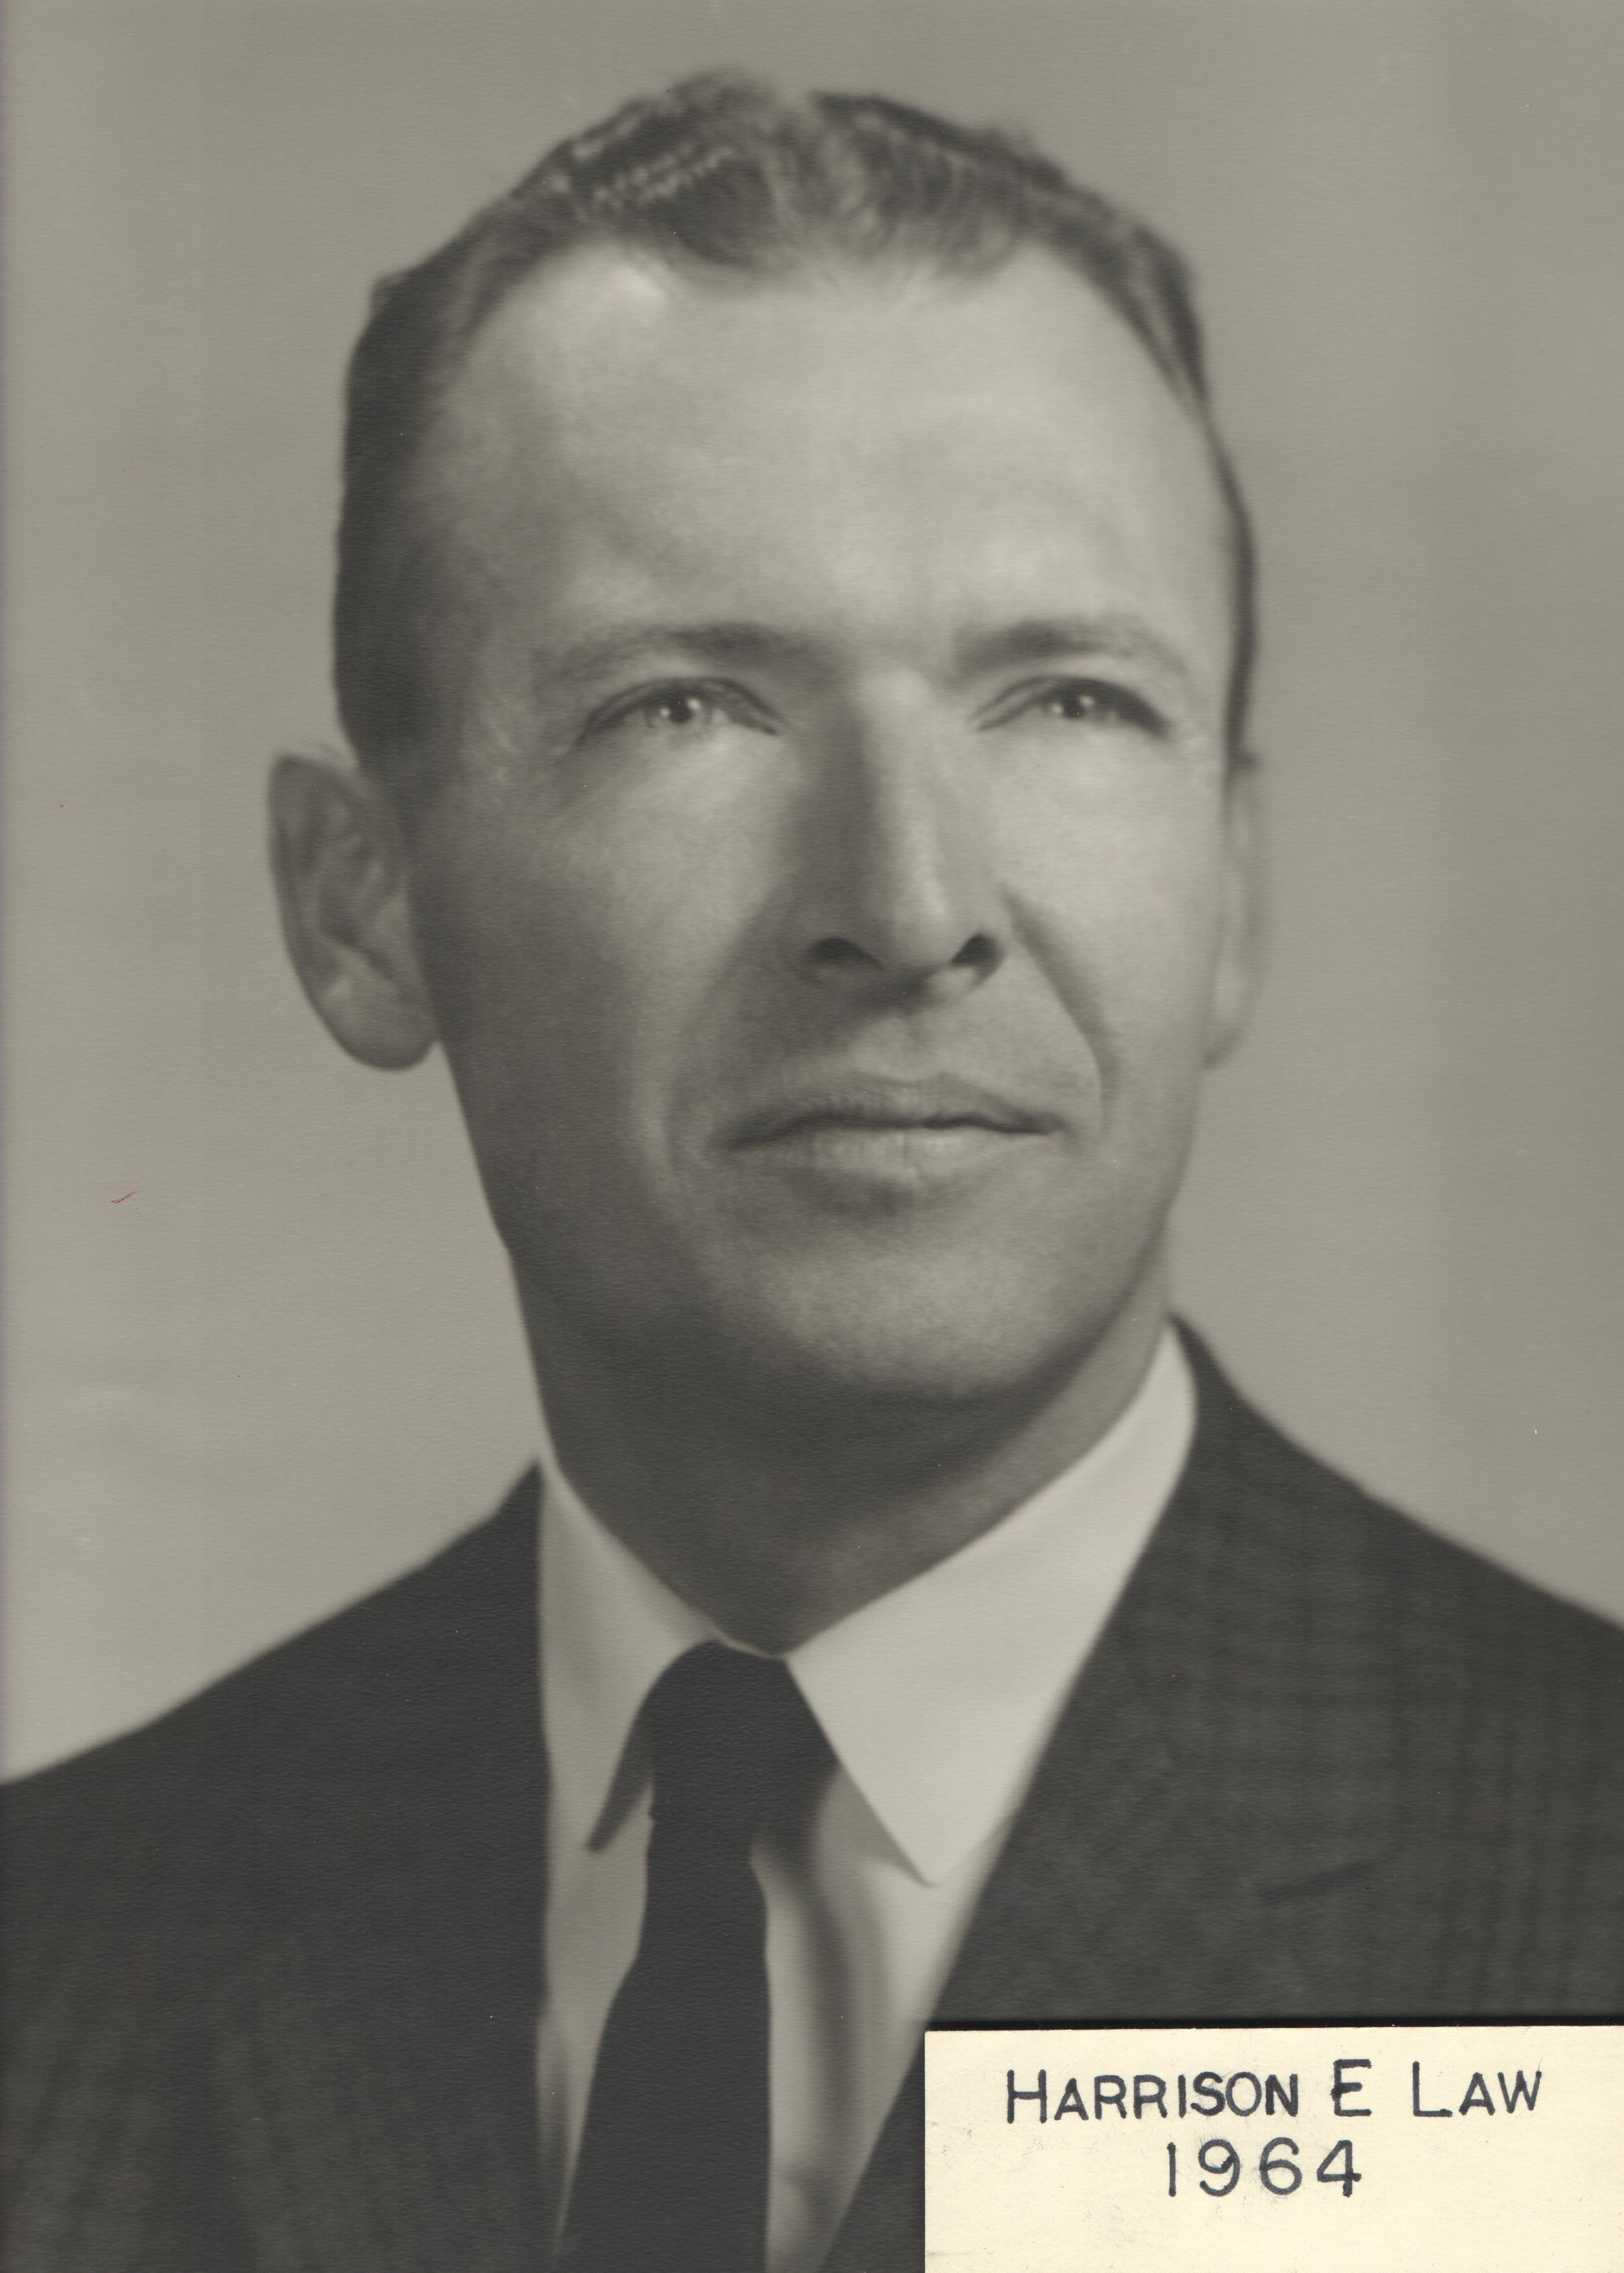 1964 Harrison E. Law